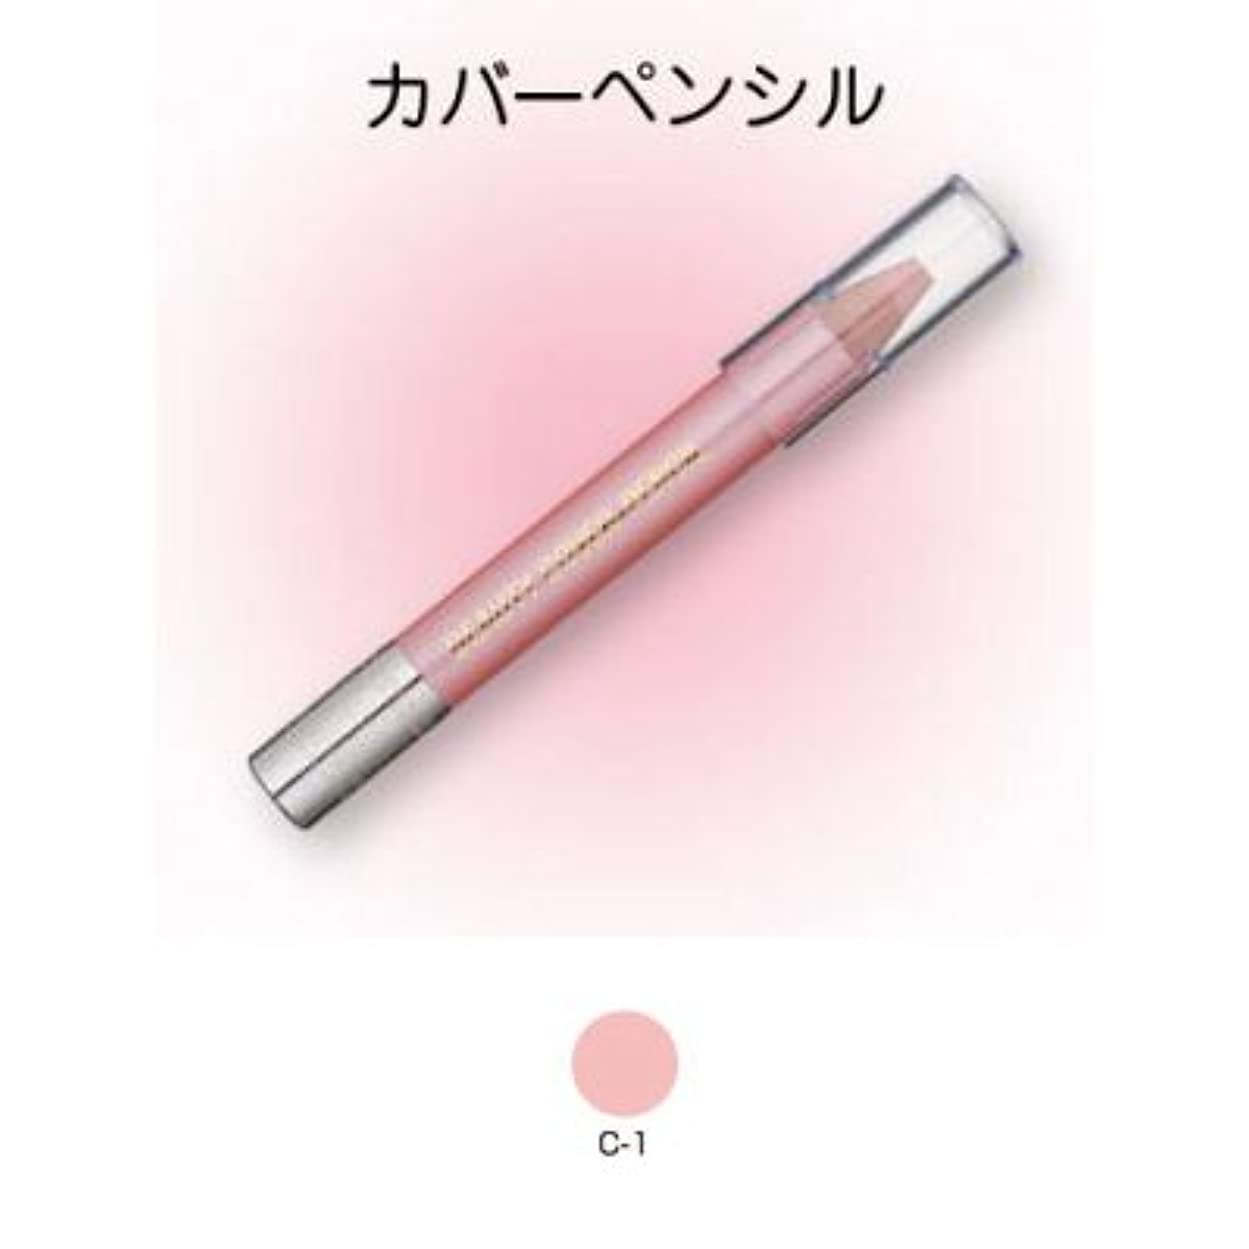 トレッド半円地獄ビューティーカバーペンシル C-1【三善】